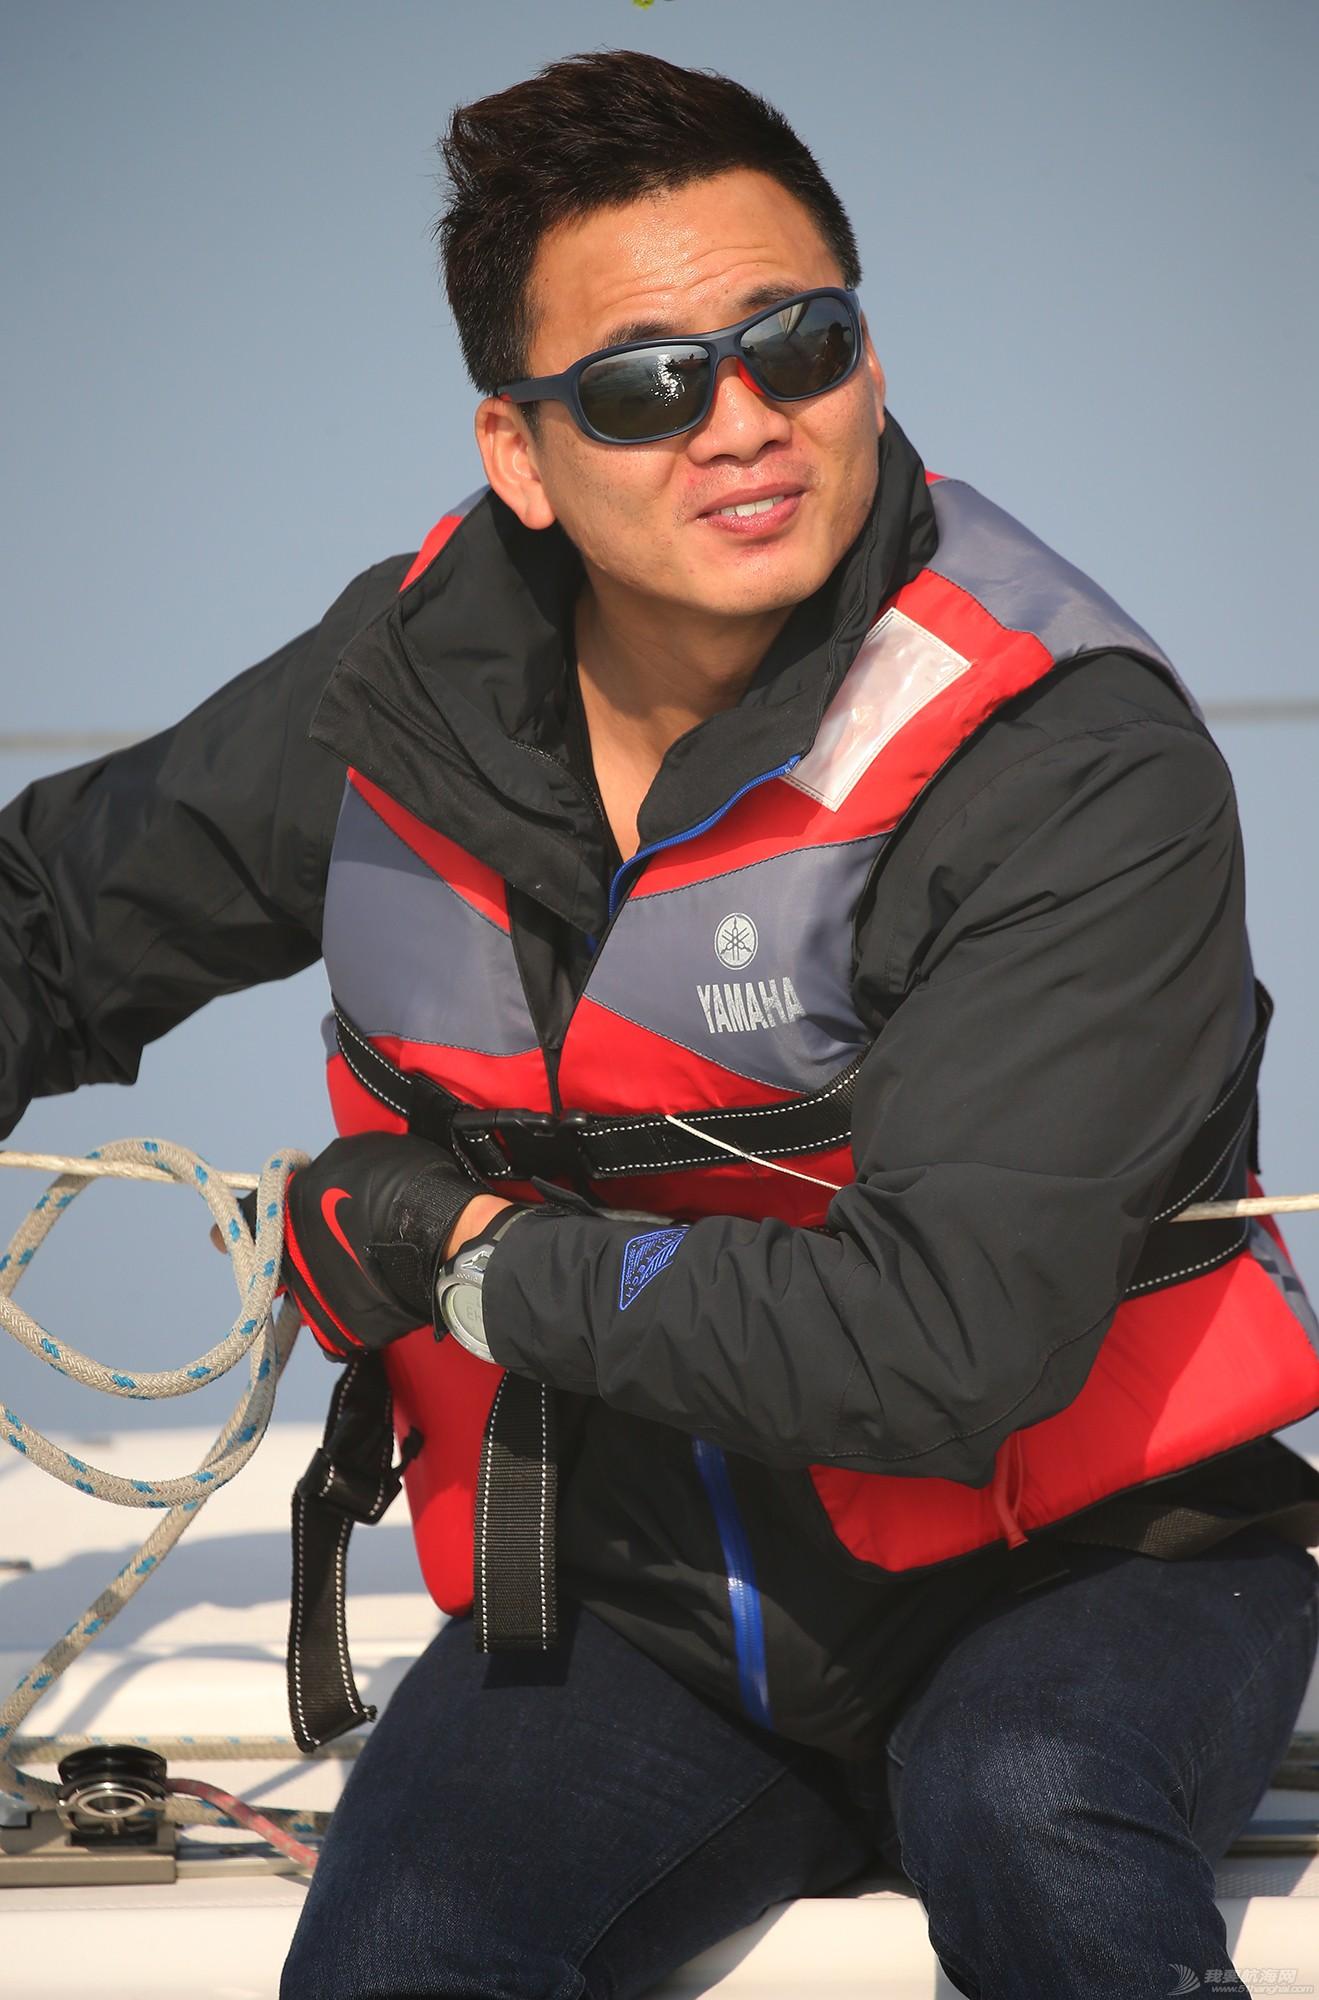 """拉力赛,帆船,太湖 2016""""菱湖湾杯""""环太湖帆船拉力赛参赛船队、船员风采 E78W1643.JPG"""